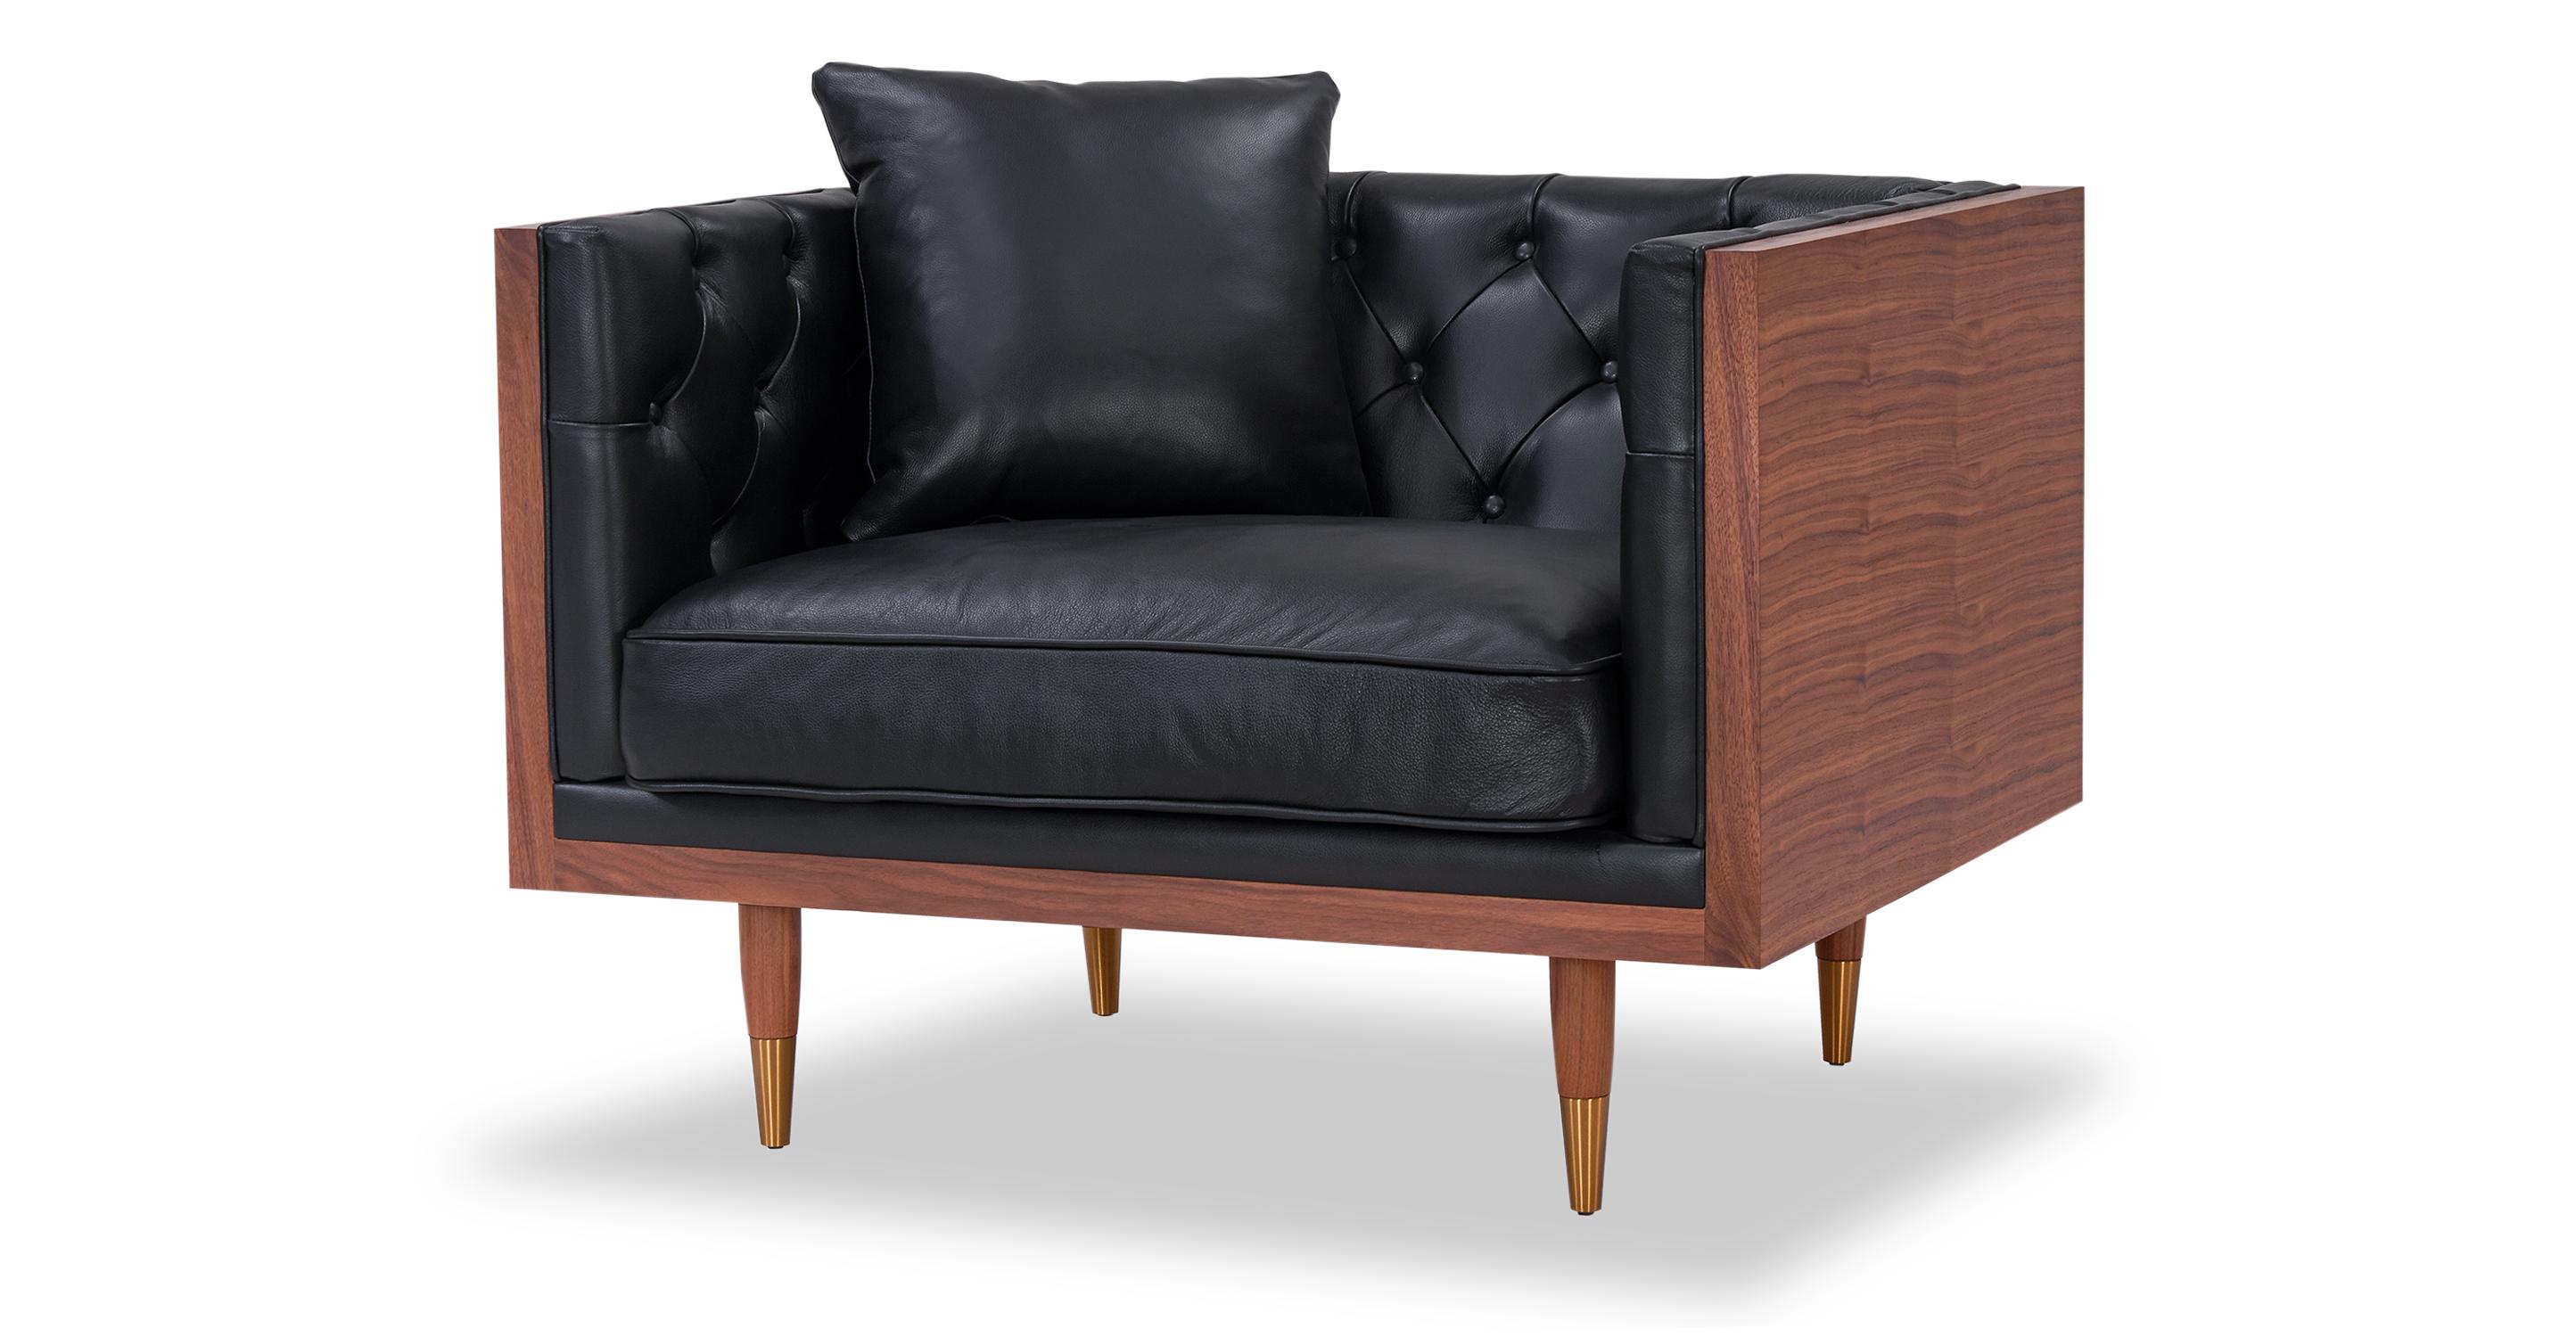 Woodrow Neo Chair, Walnut/Black Aniline